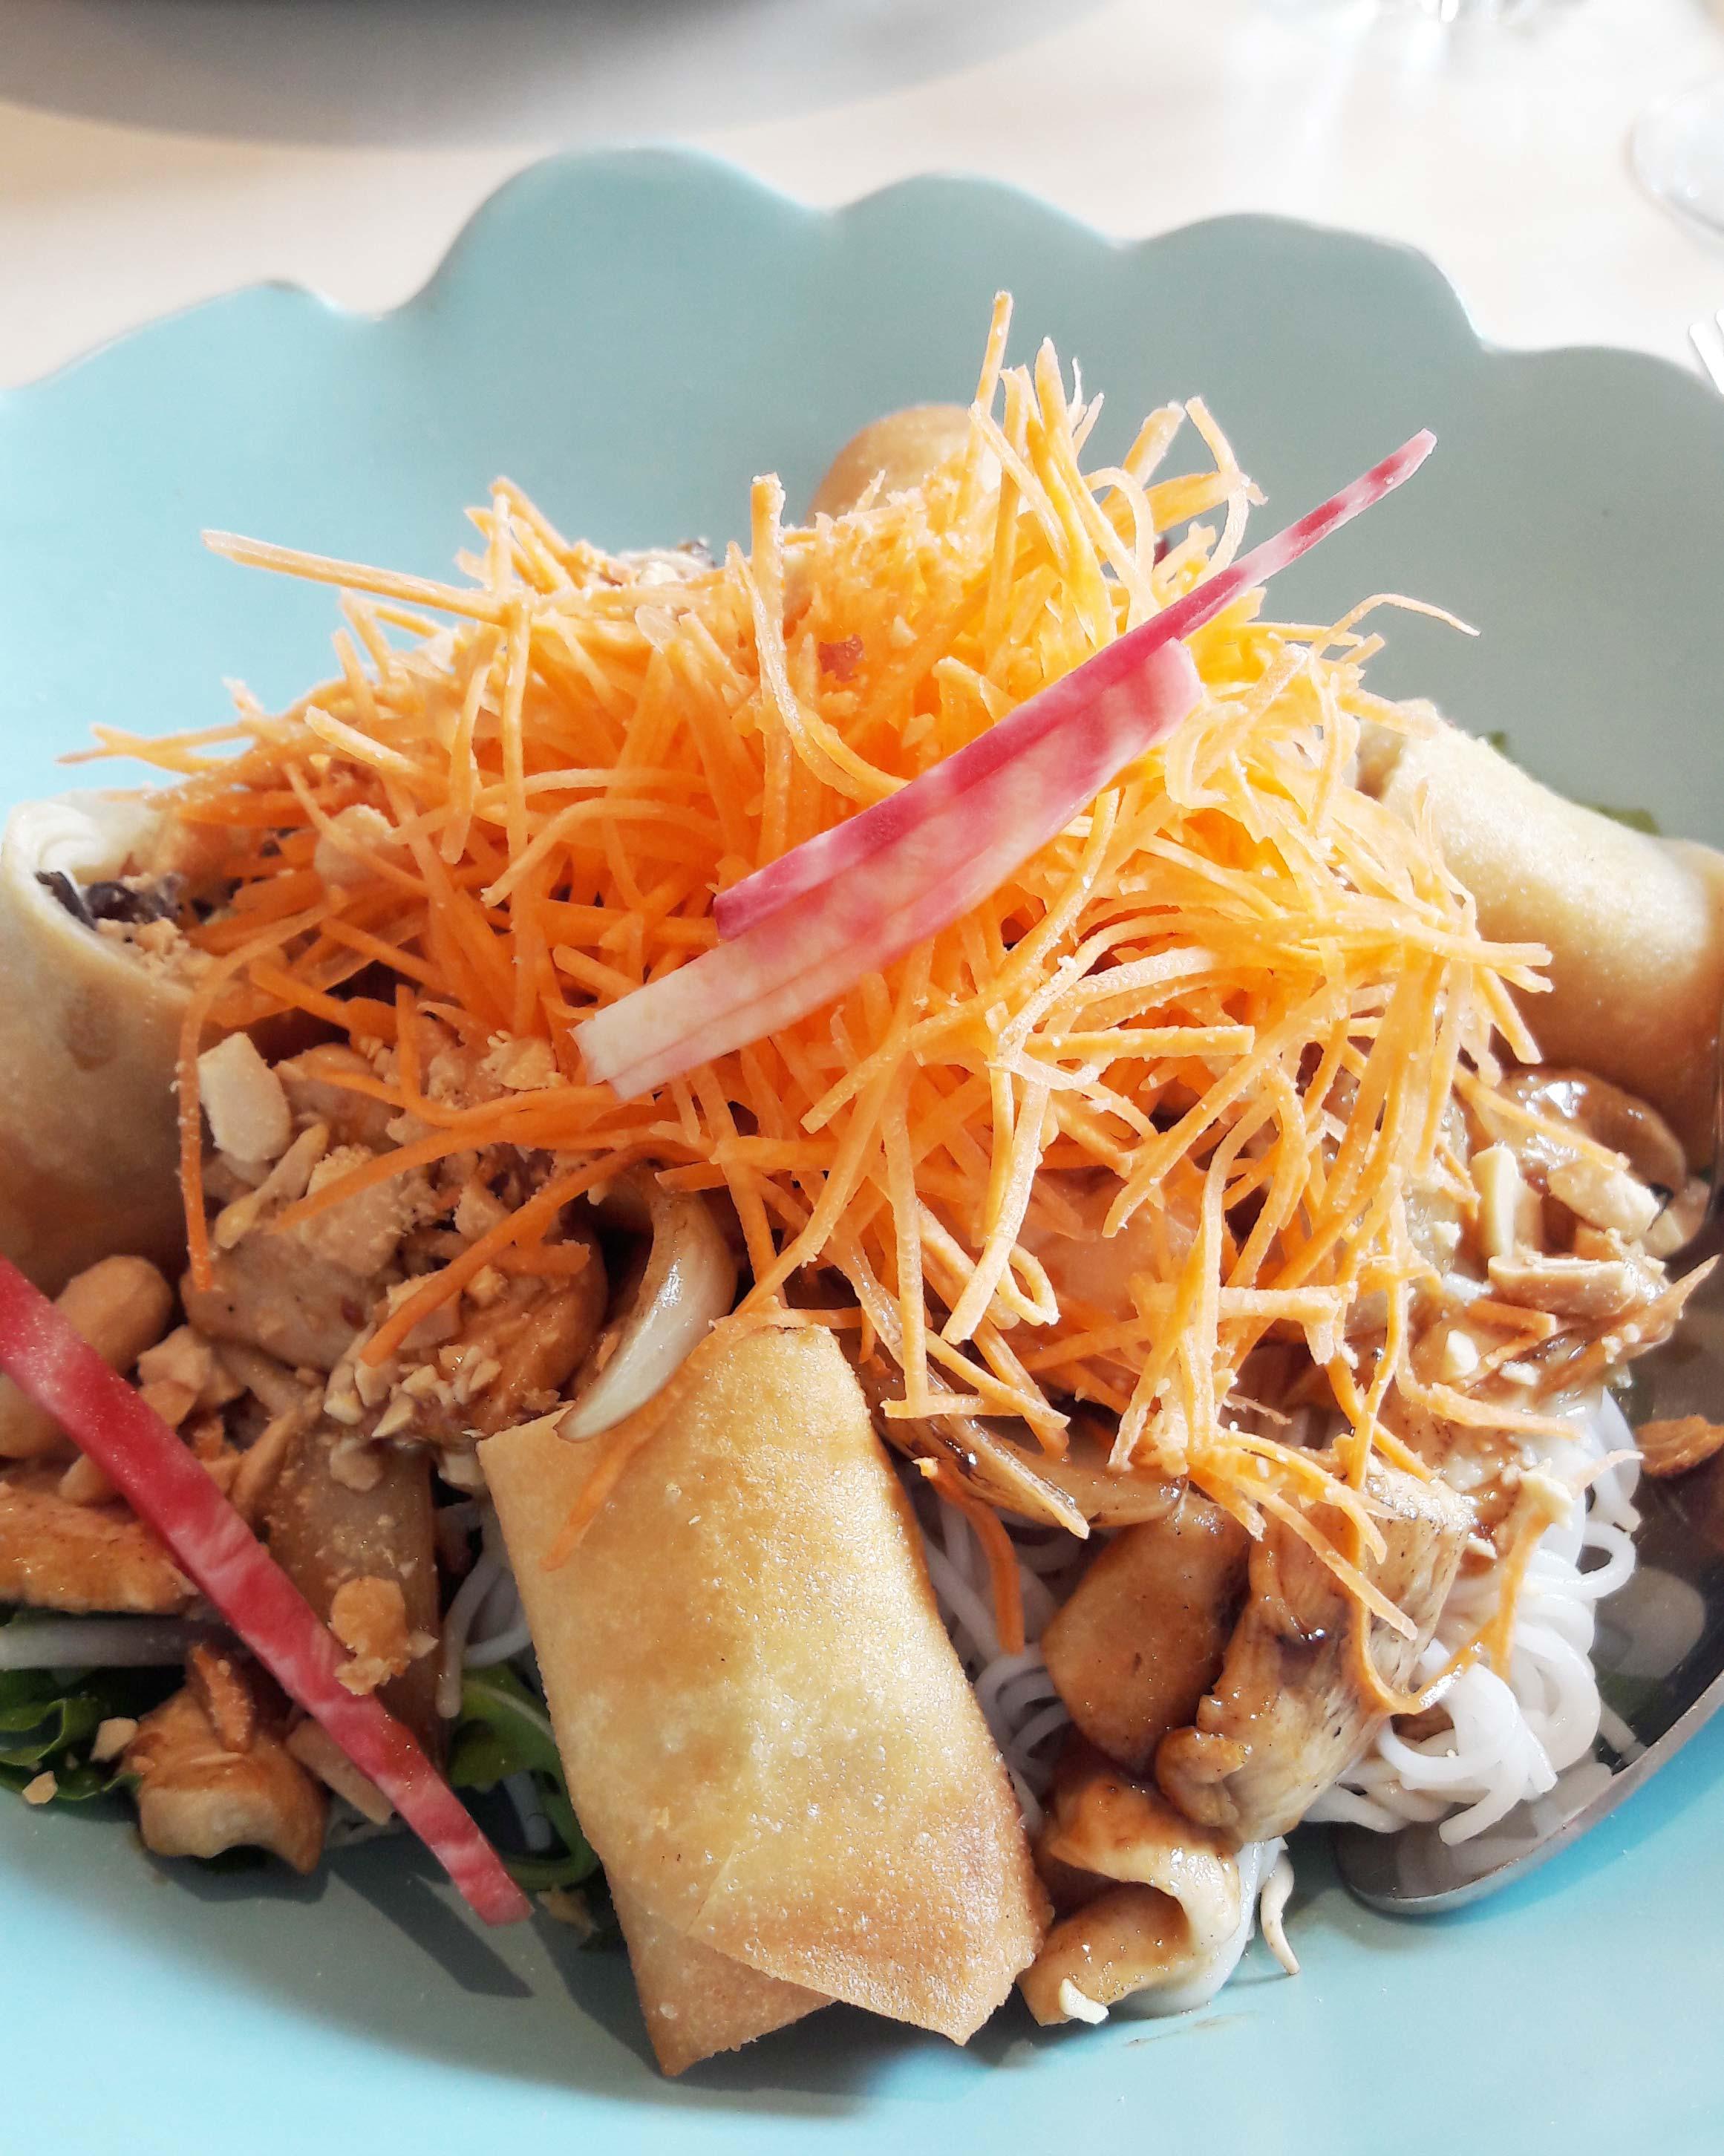 Restaurant Thailandais Monsieur Yak Rennes Claire S Blog